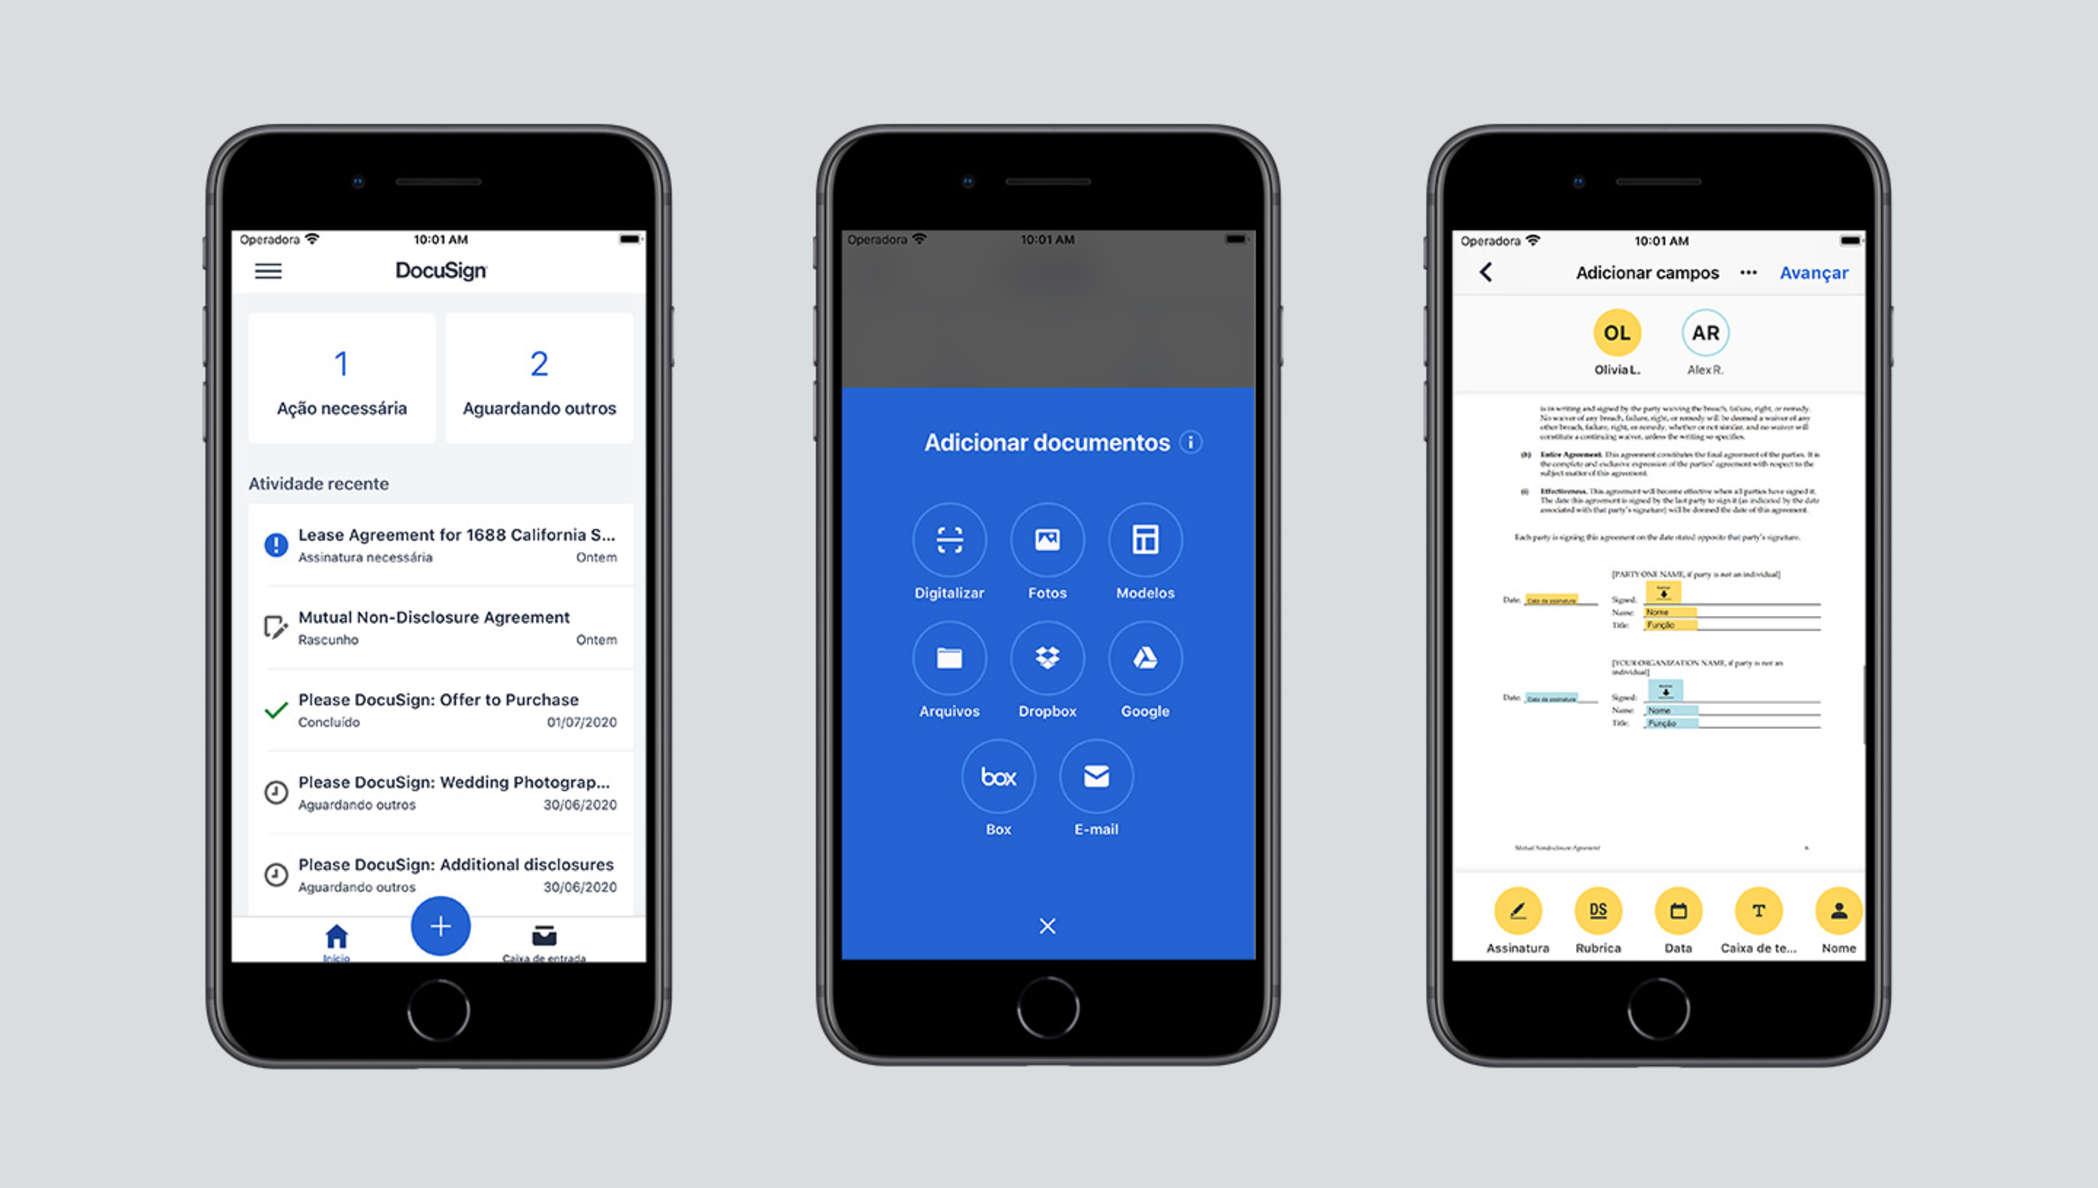 Três telas de celular mostrando as funcionalidades do DocuSign eSignature: uma com o status dos documentos enviados para assinatura, outra com opções de upload de documentos, e por último, um documento sendo assinado.